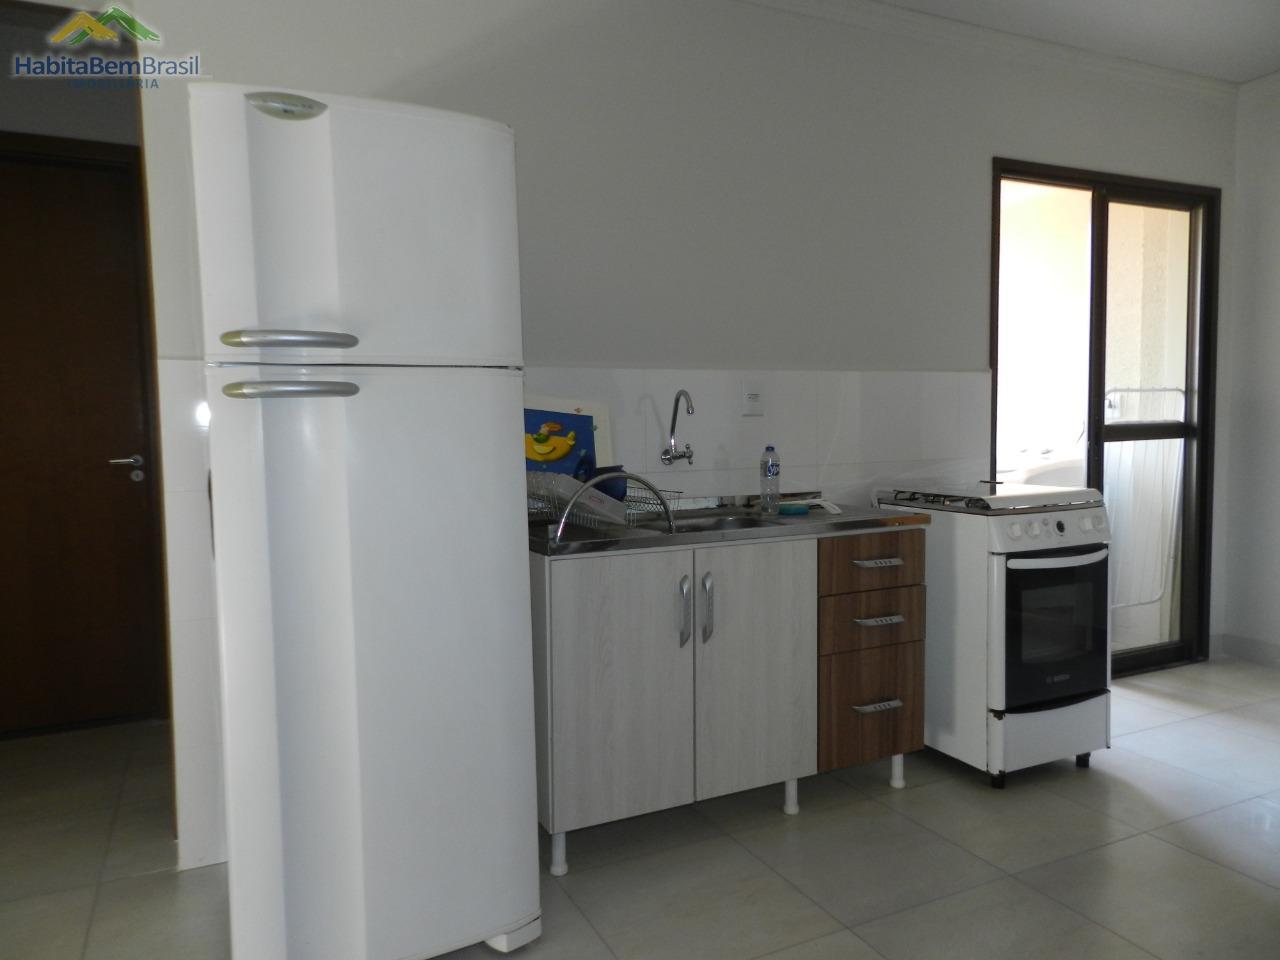 Apartamento com 2 dormitórios à venda,71.00m², VILA BECKER, TOLEDO - PR